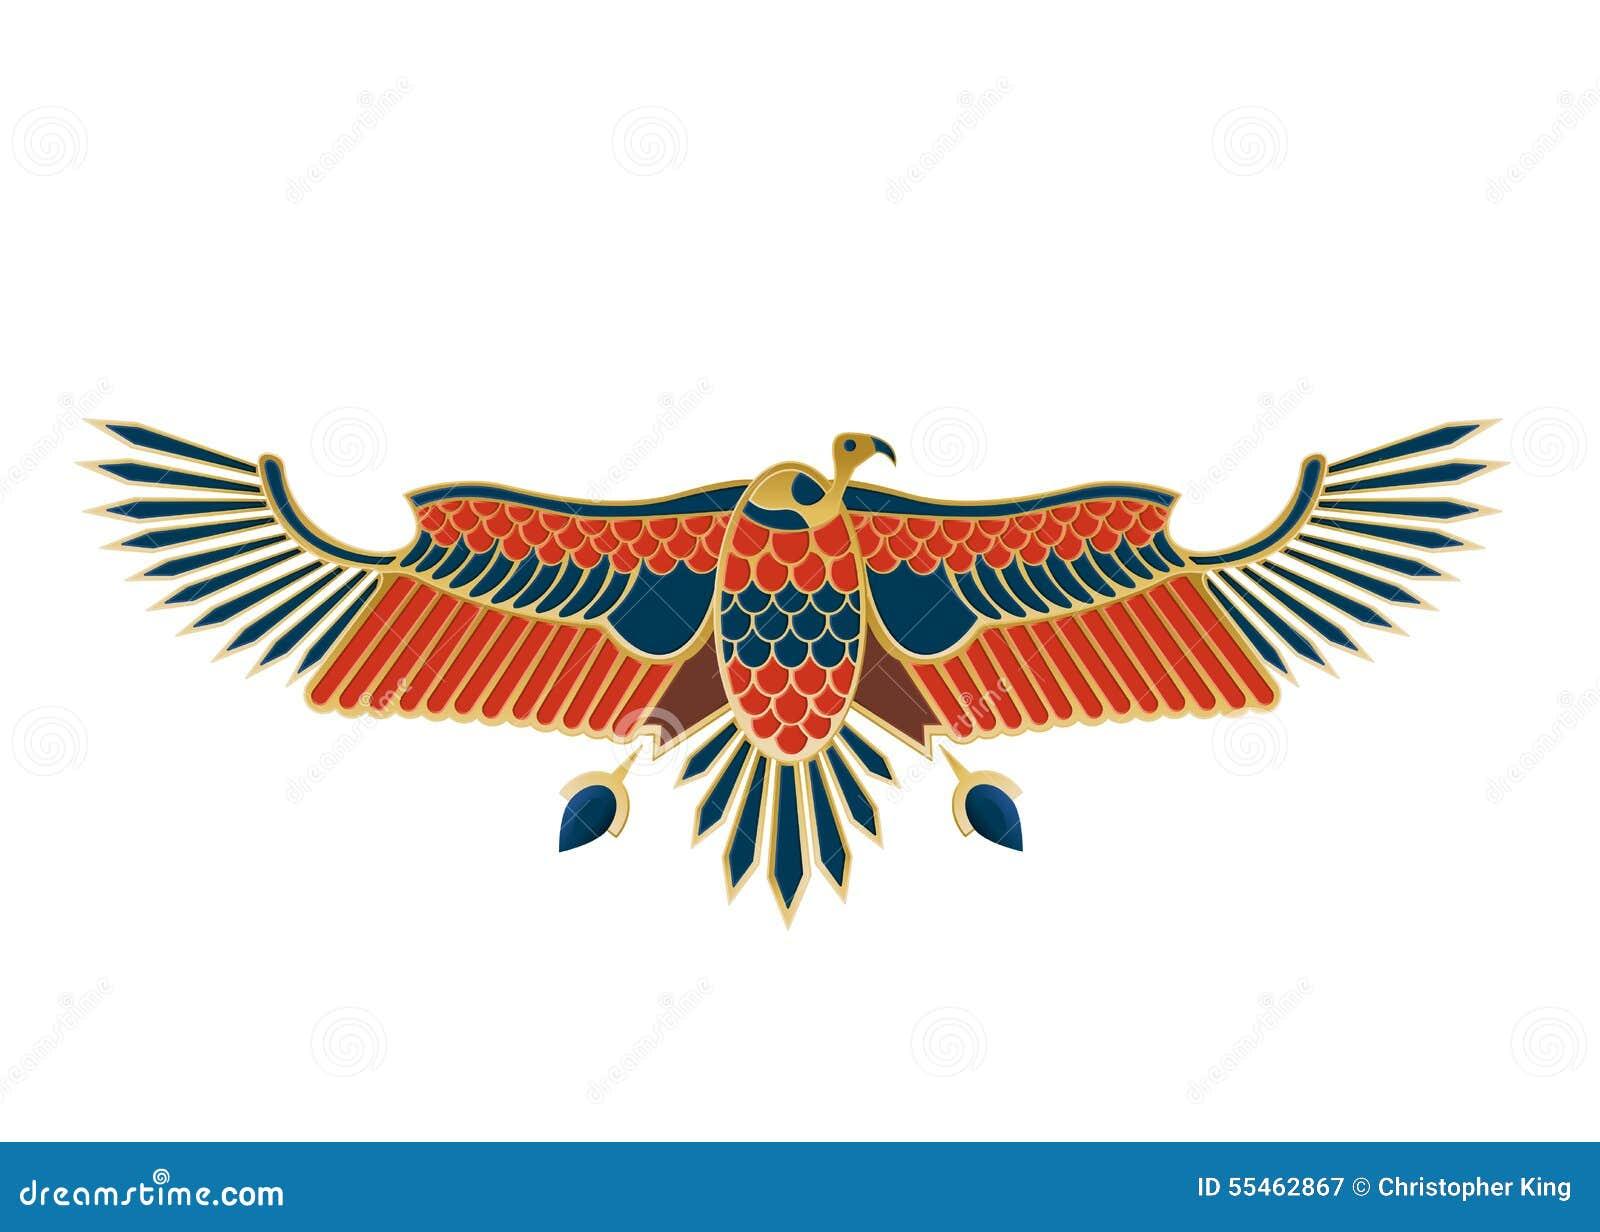 Egyptian bird hieroglyphics - photo#20